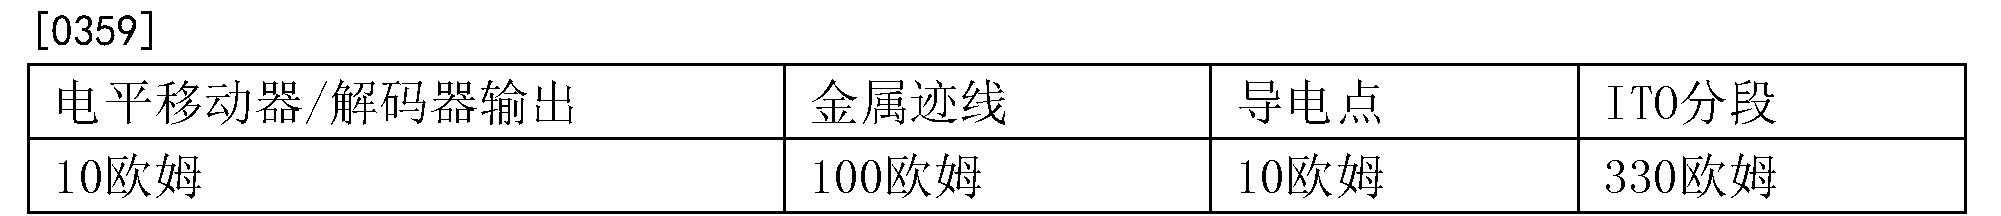 Figure CN104484066BD00311